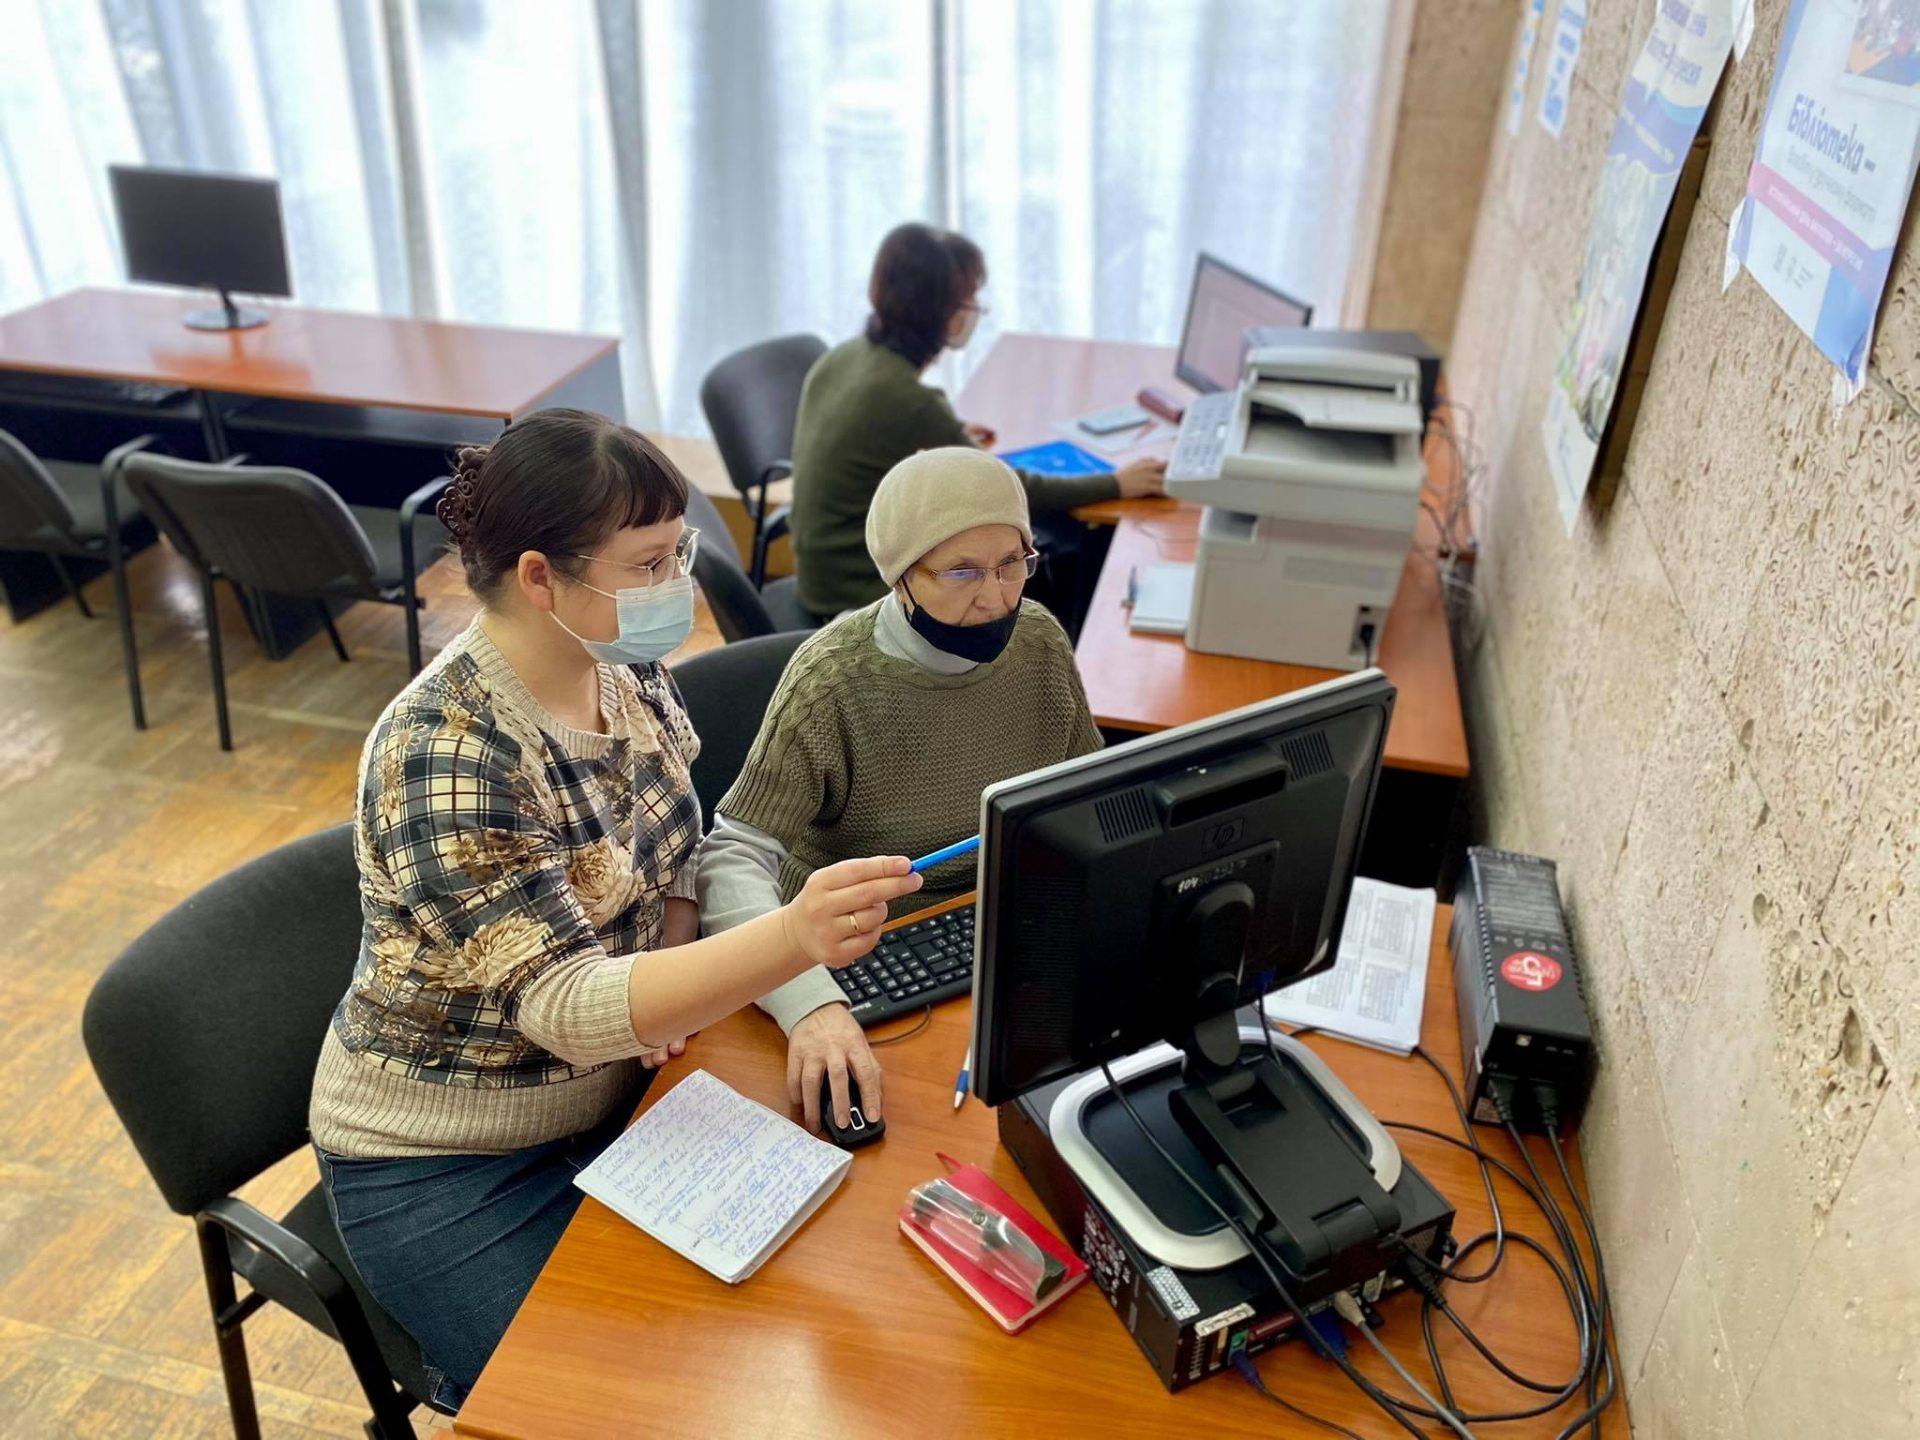 В херсонской библиотеке прошло компьютерное занятие для учителей